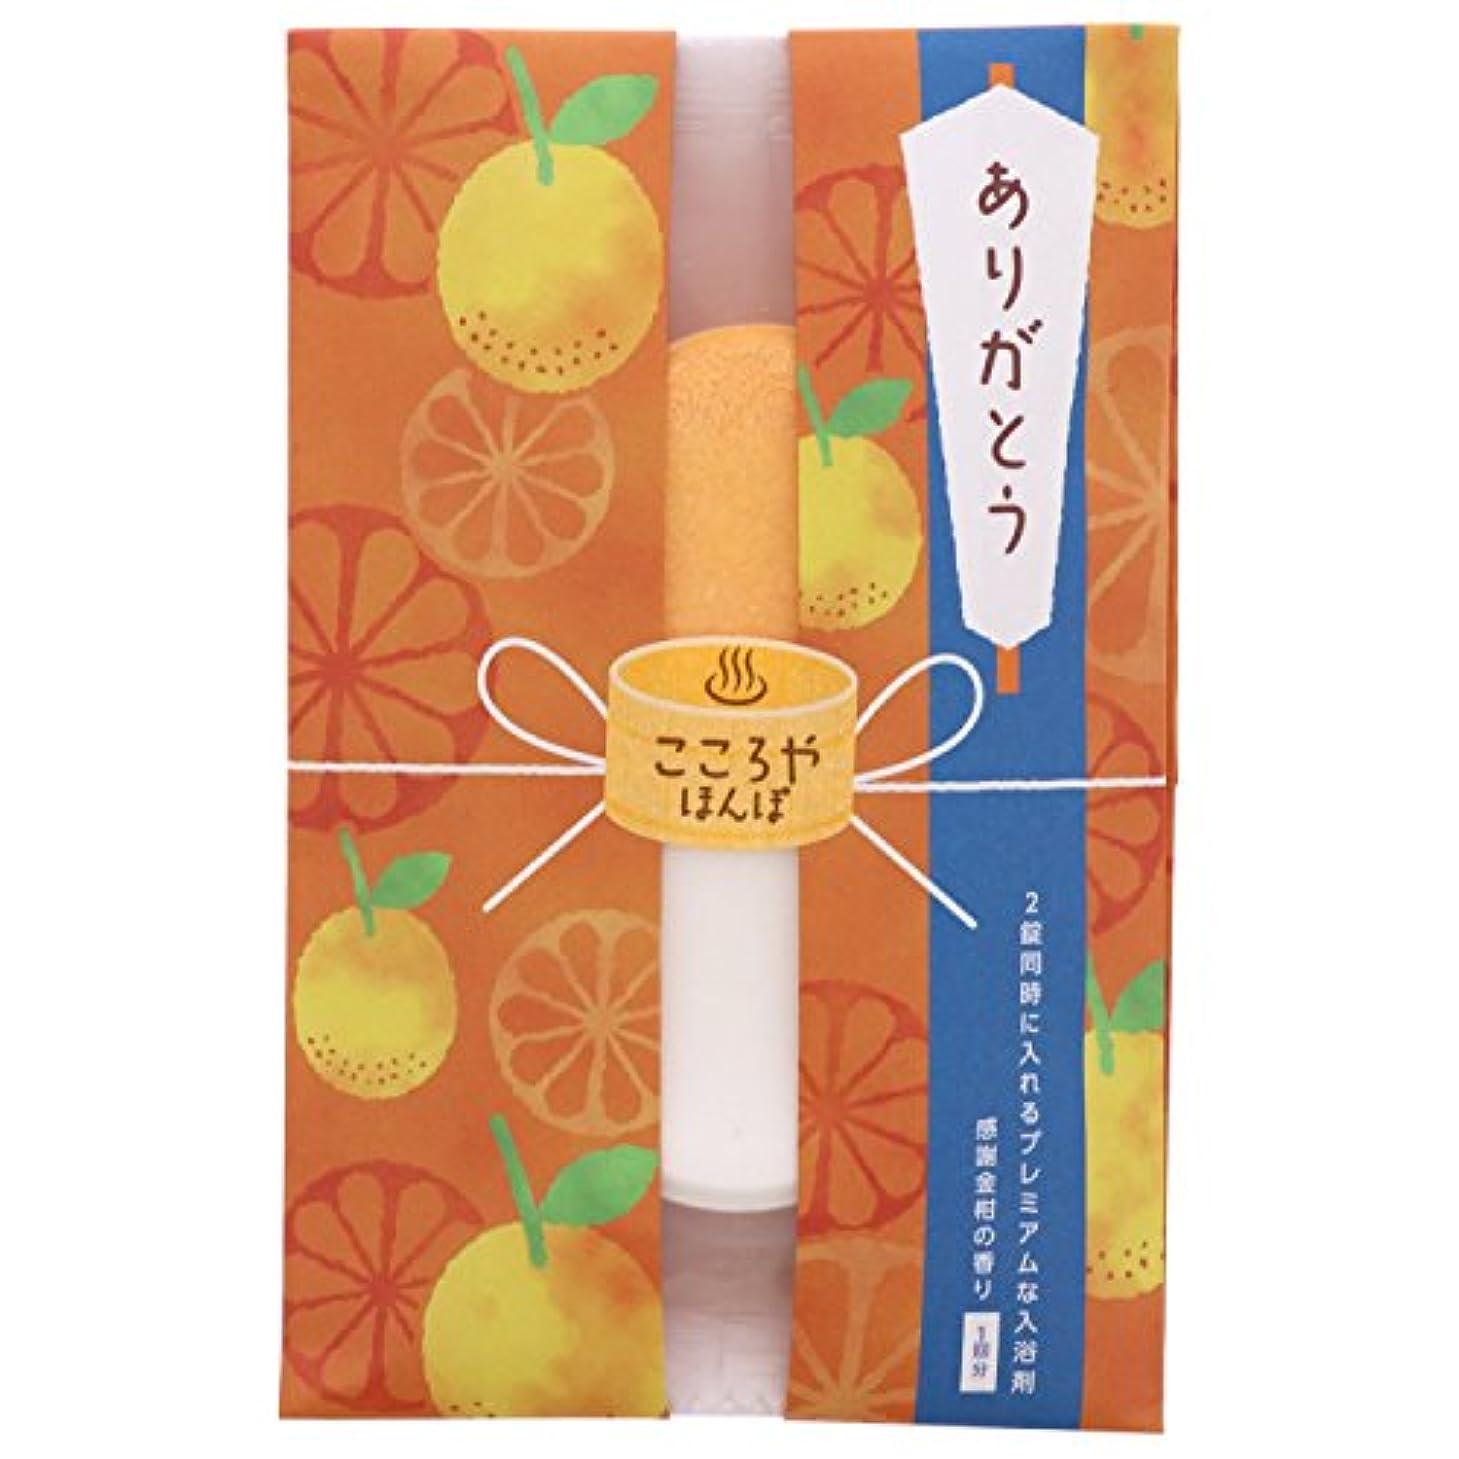 脆いコーンウォール午後こころやほんぽ カジュアルギフト 入浴剤 ありがとう 金柑の香り 50g